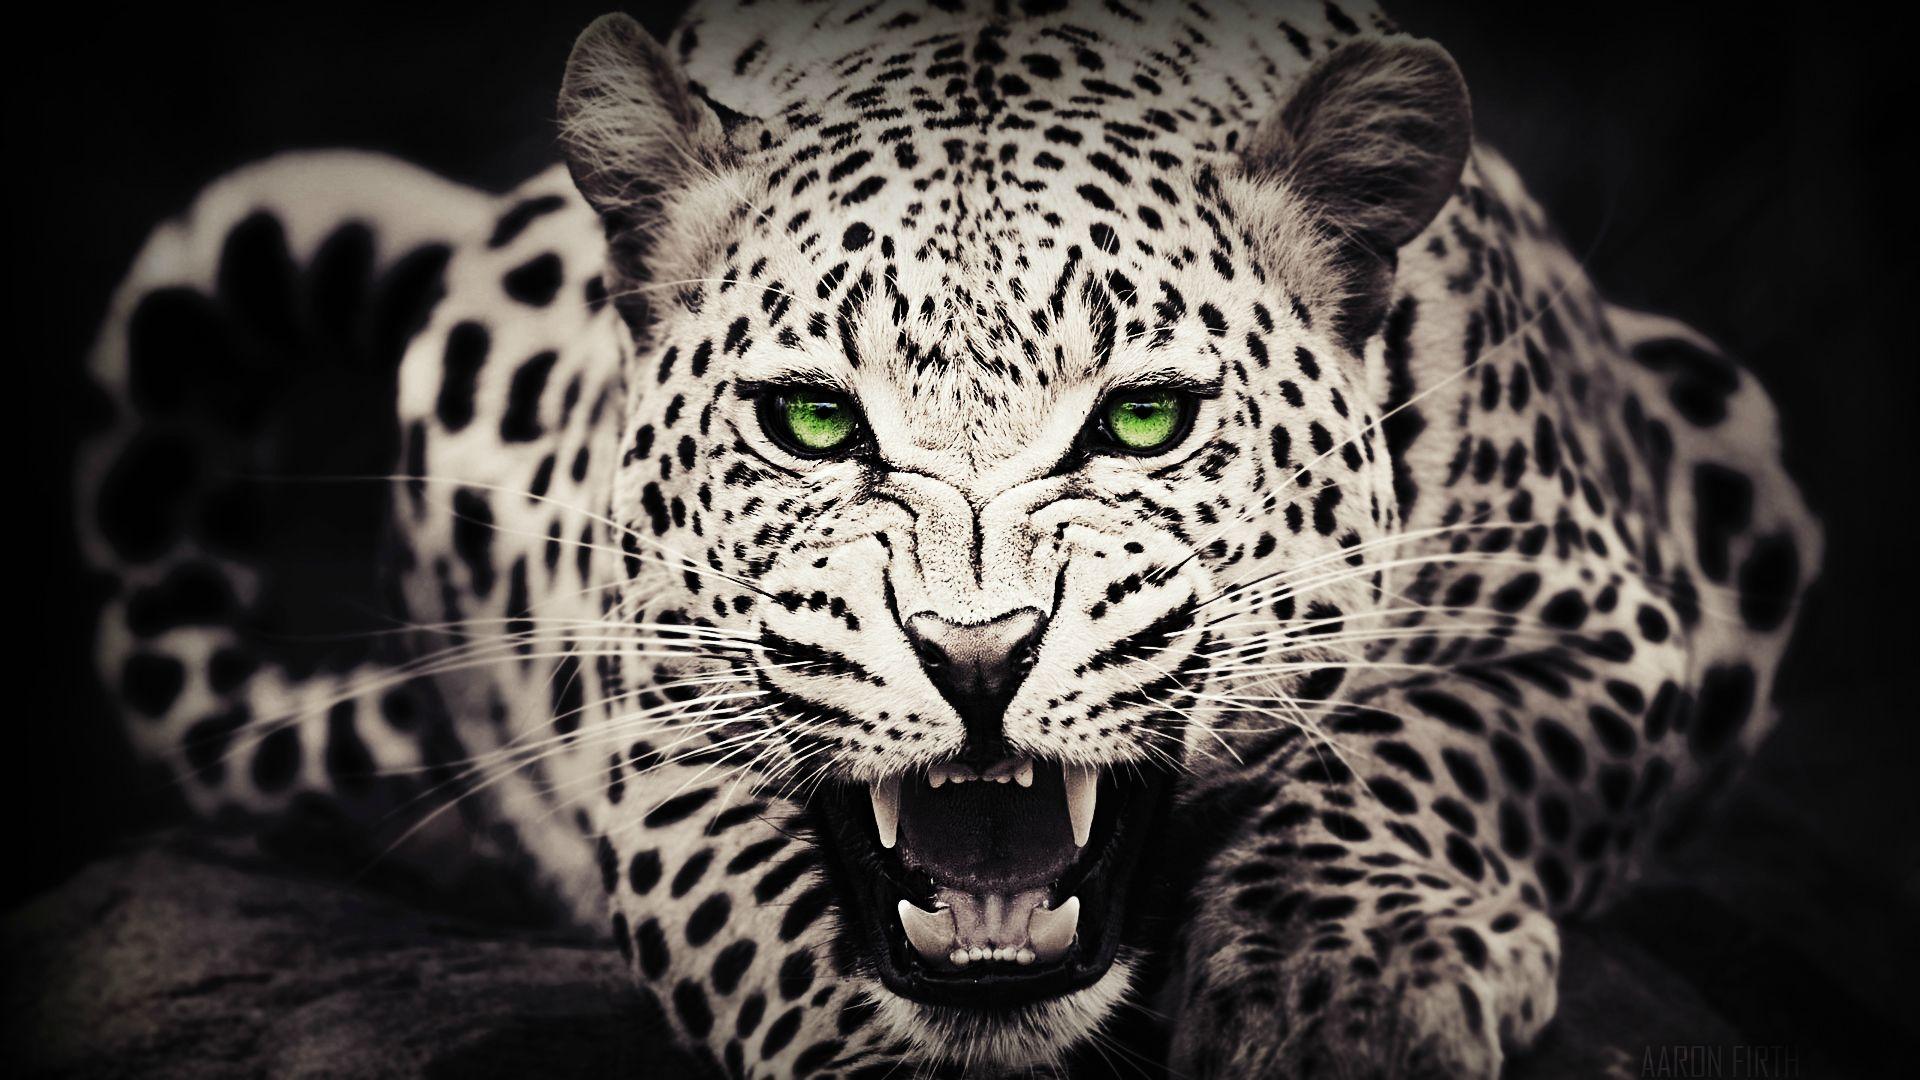 Description Leopard Wallpaper is a hi res Wallpaper for pc desktops 1920x1080